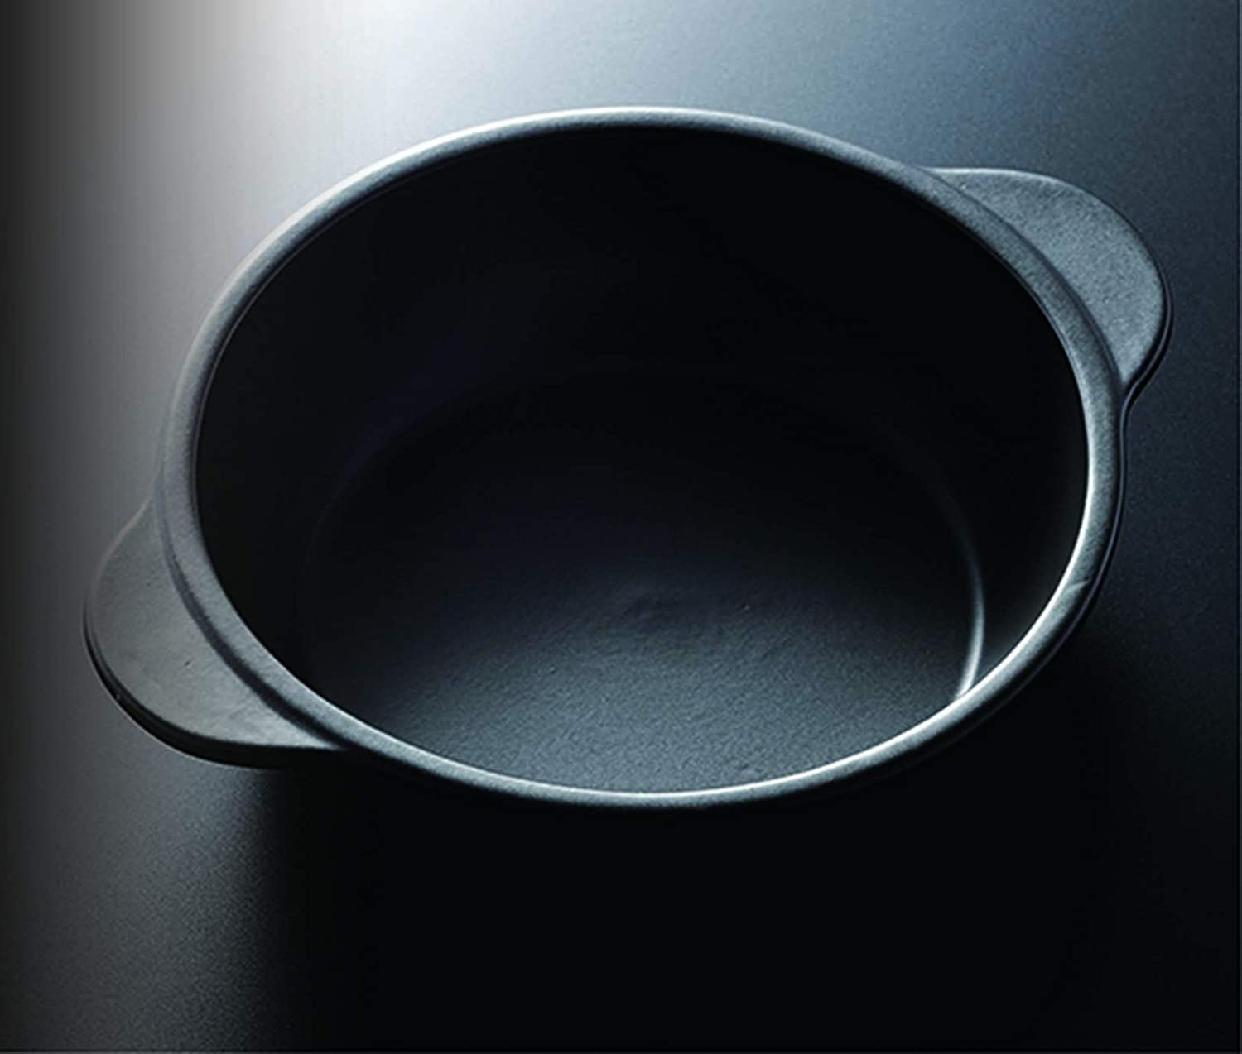 Graceramic(グレイスラミック) 陶製深型両手スキレットパン 17cmの商品画像